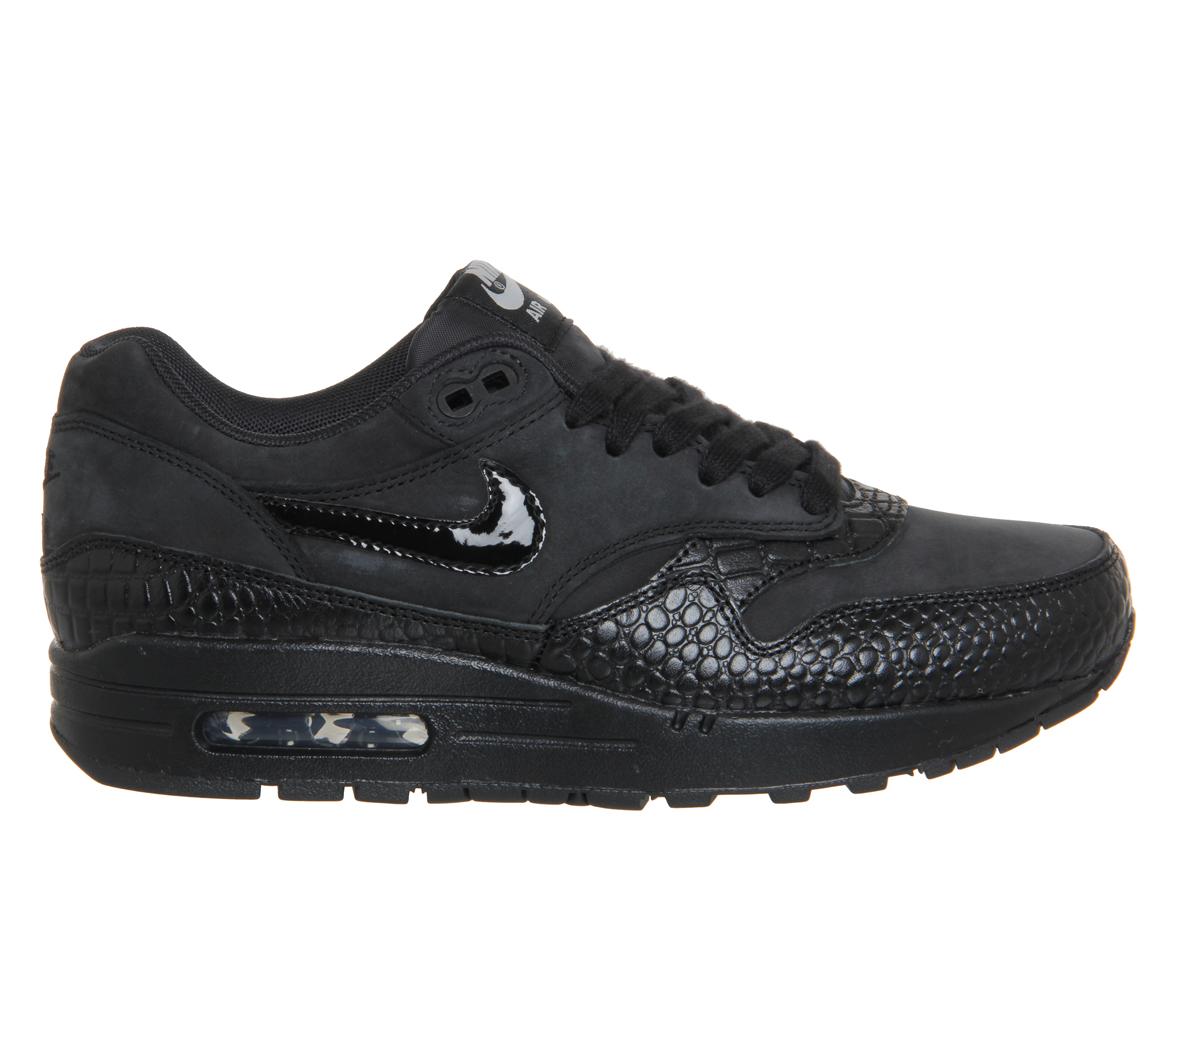 Nike Air Max 1 Black Croc